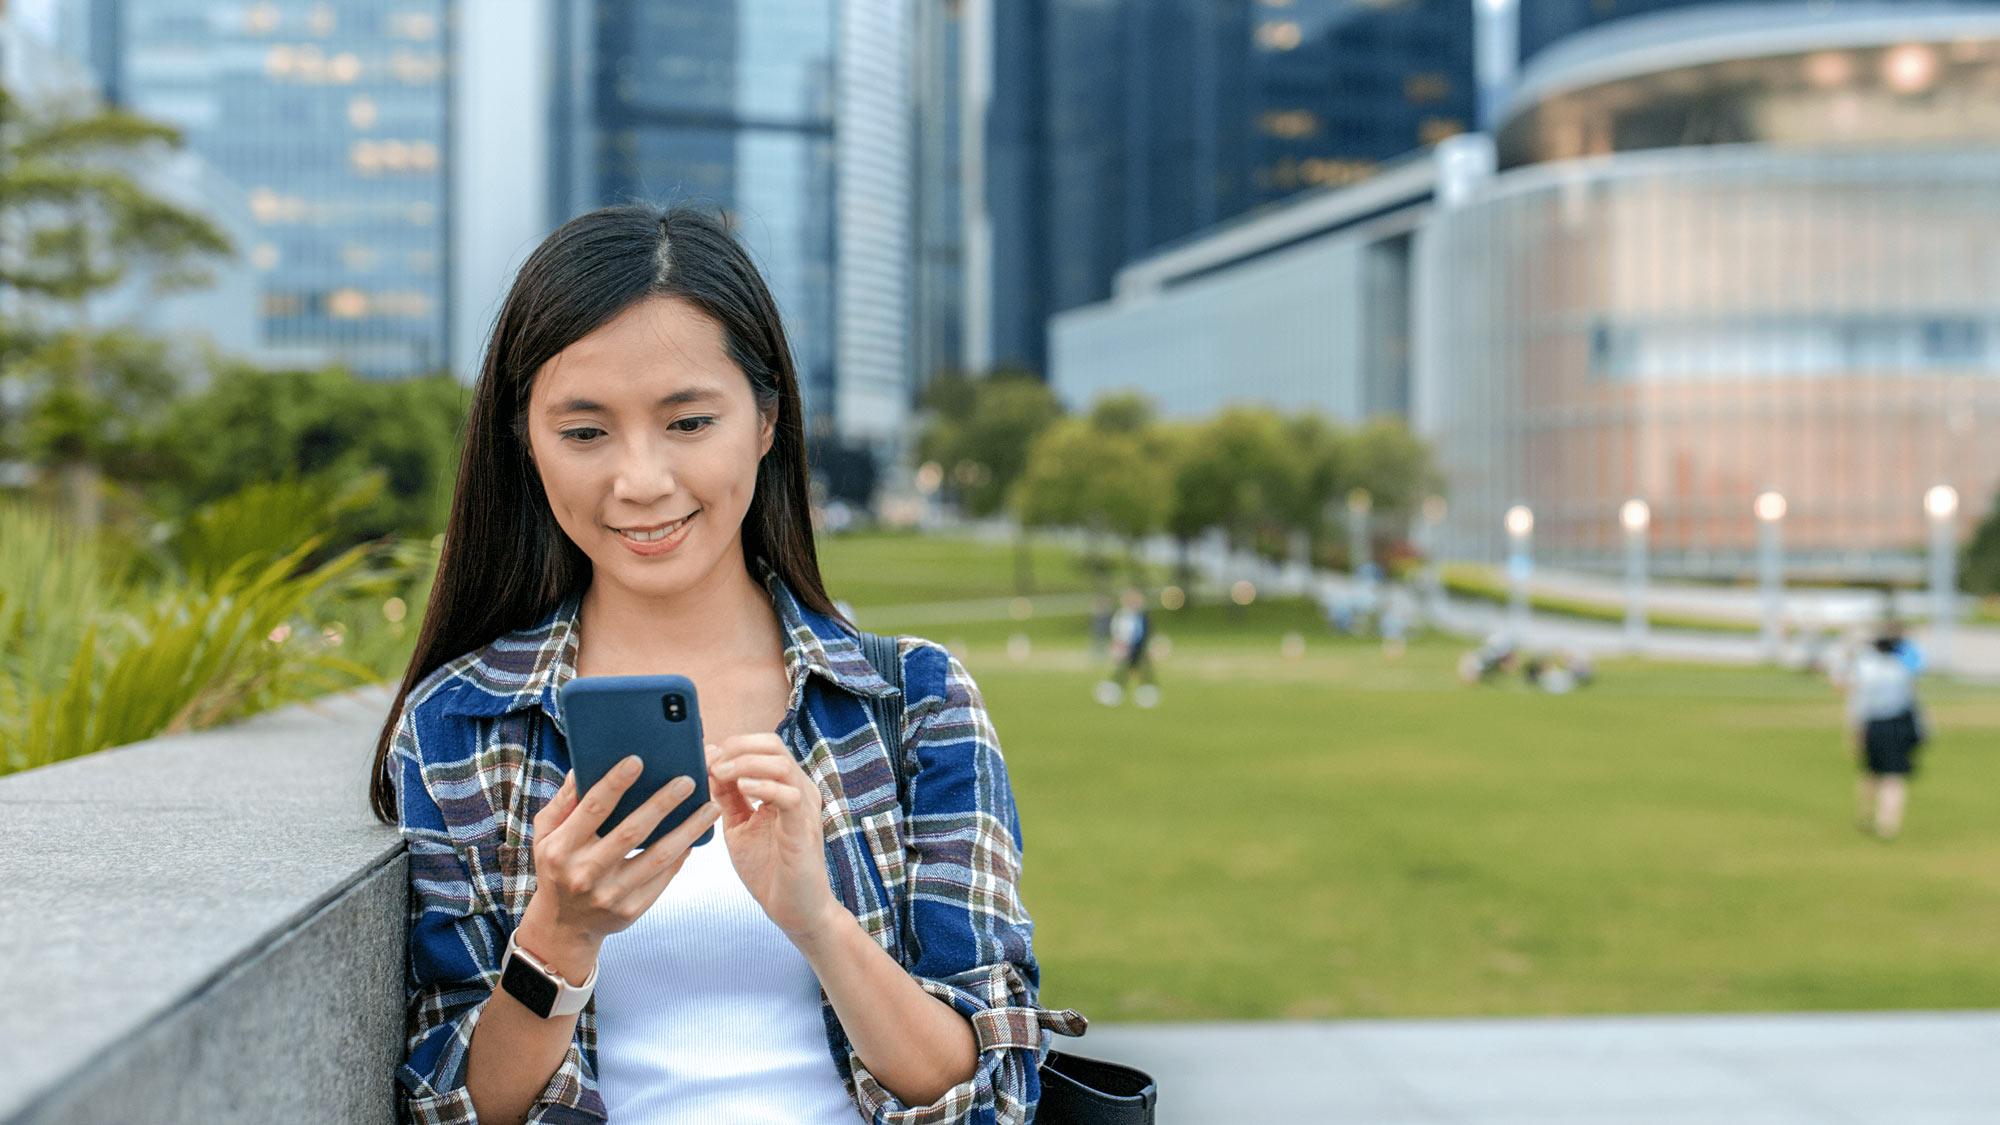 Smart Communities, Smart Cities and IoT